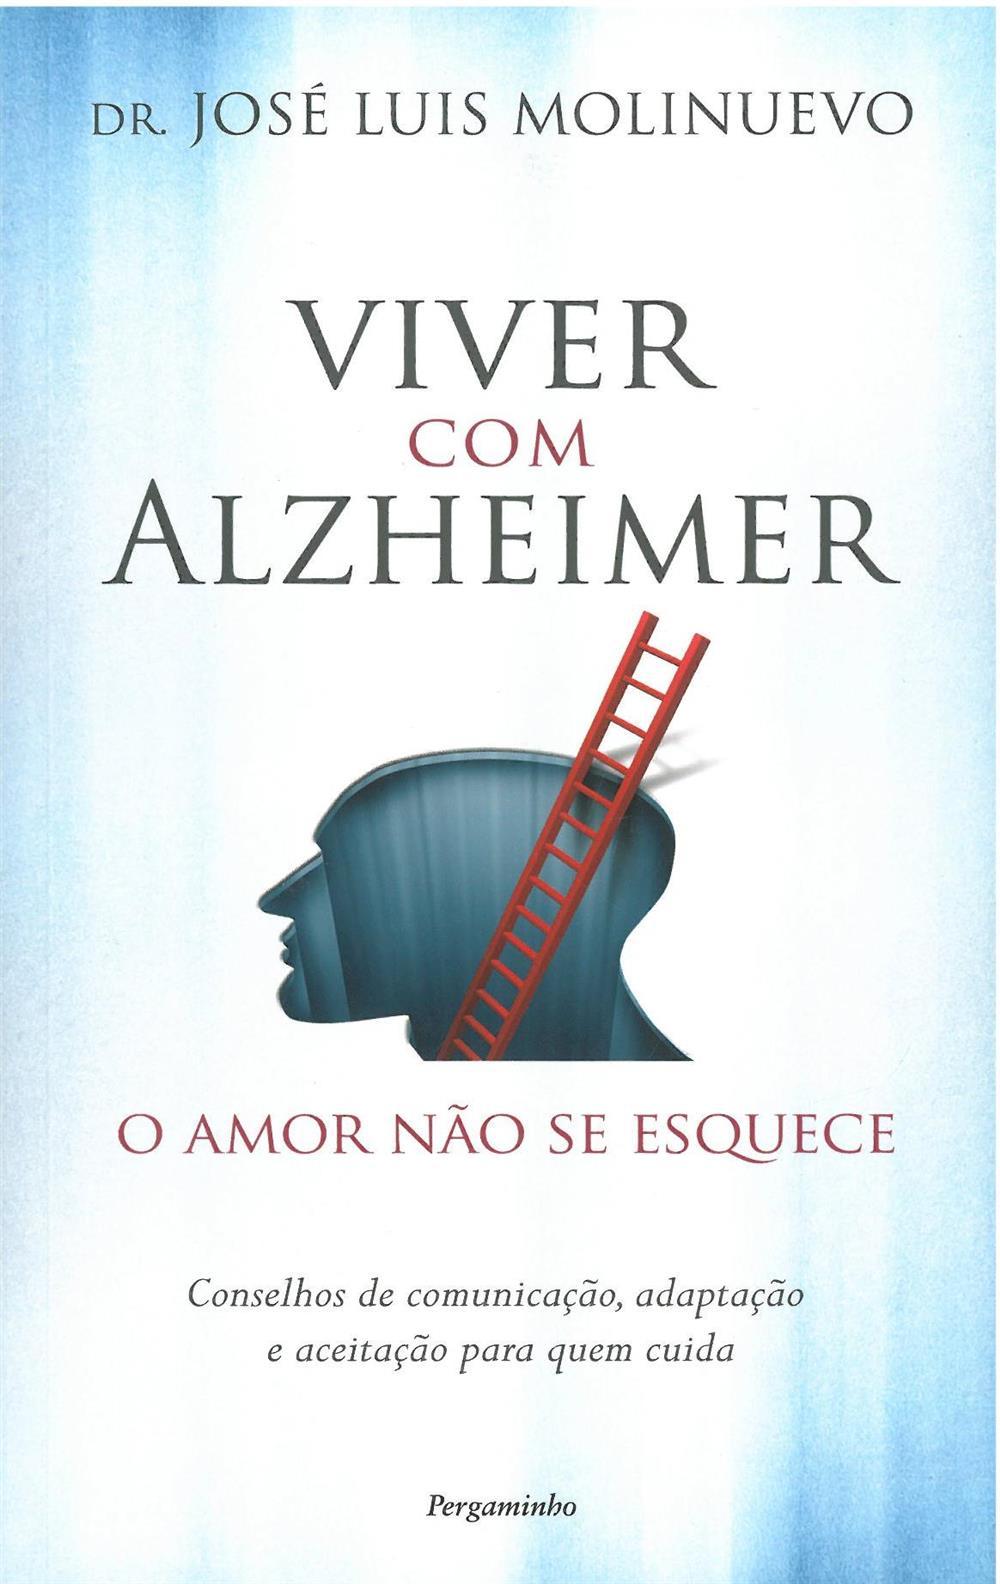 Viver com Alzheimer_.jpg